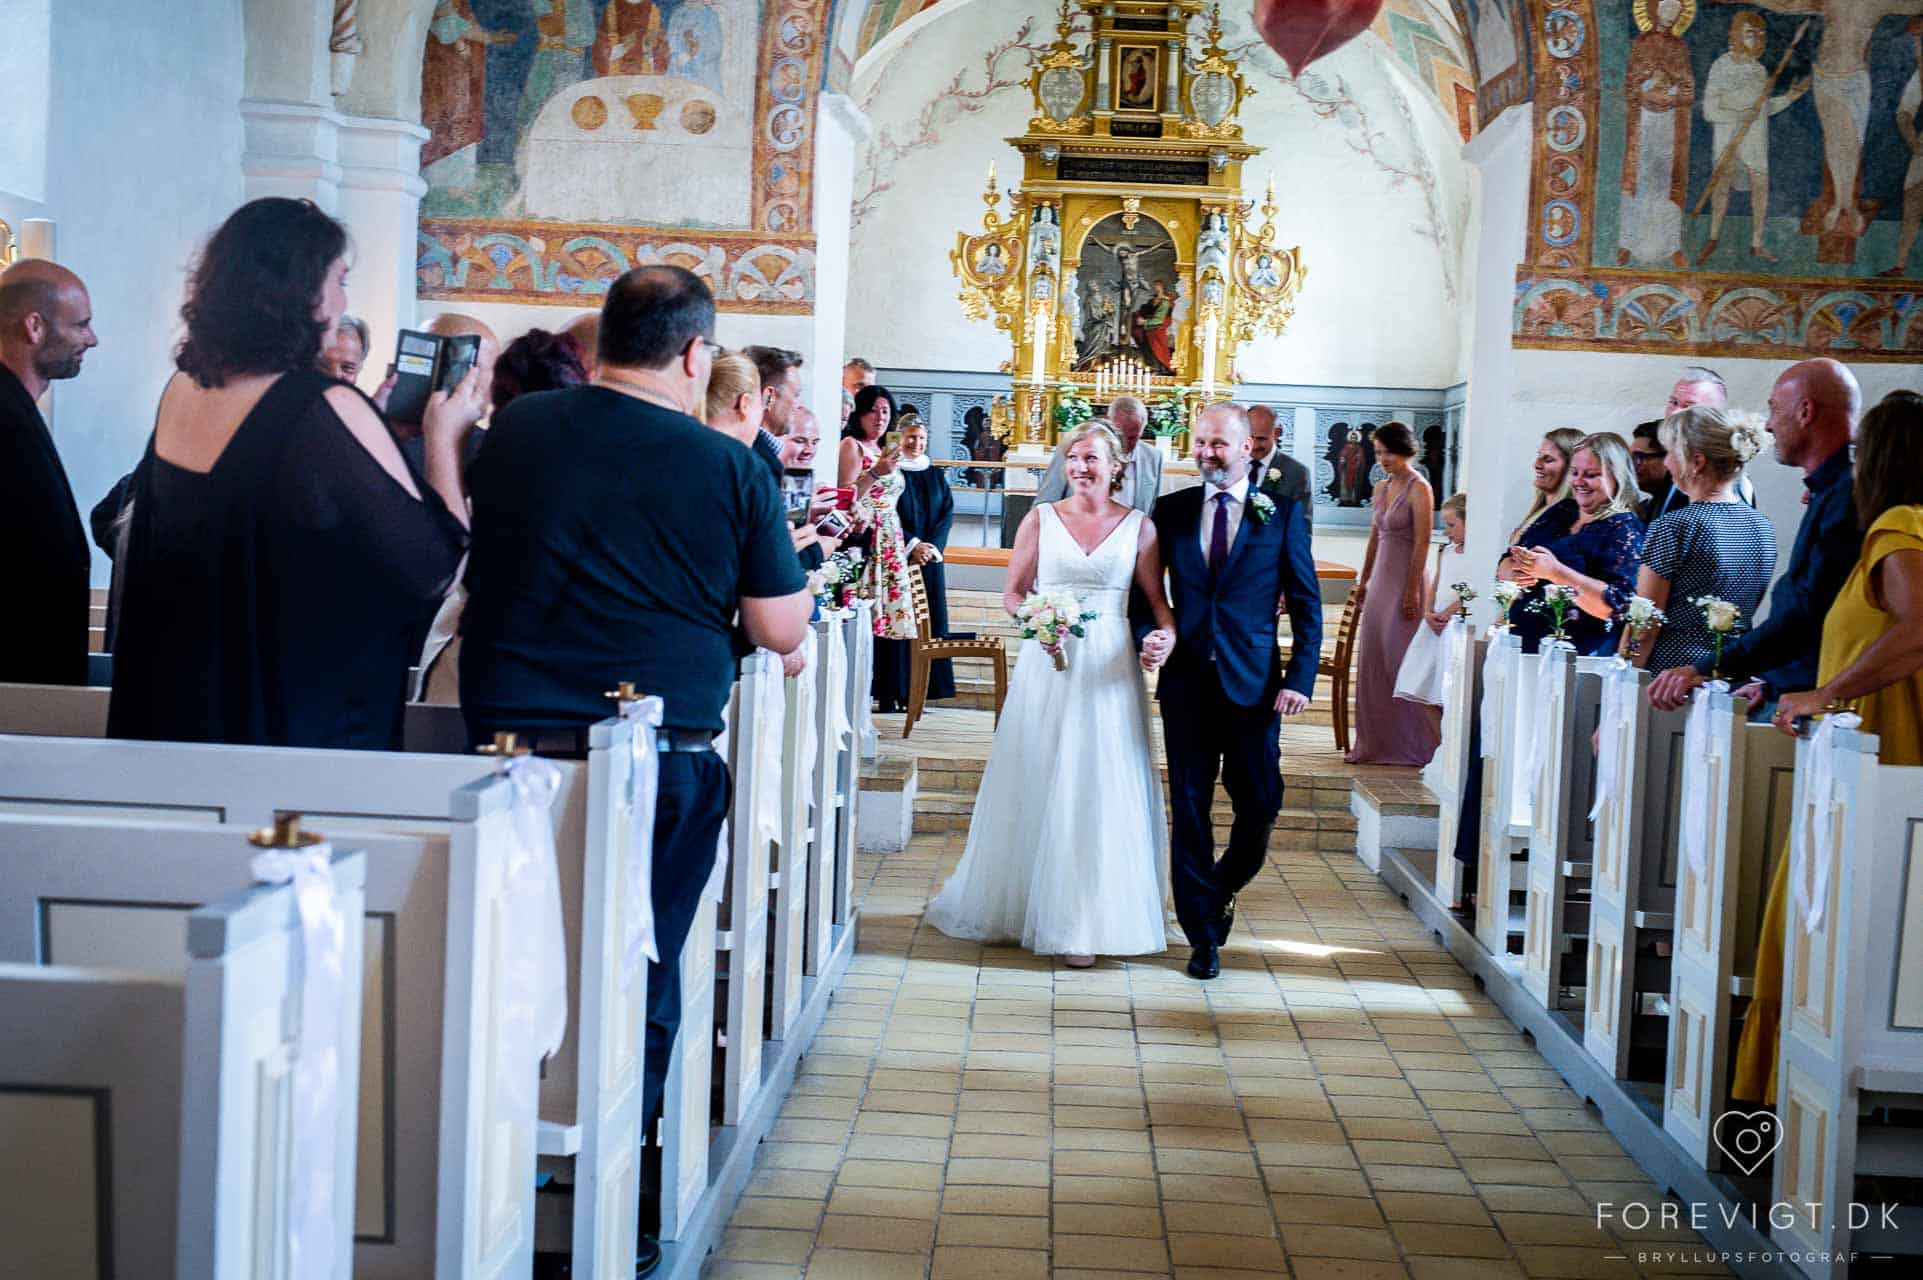 Bryllupsfotografering Jørlunde ved Slangerup